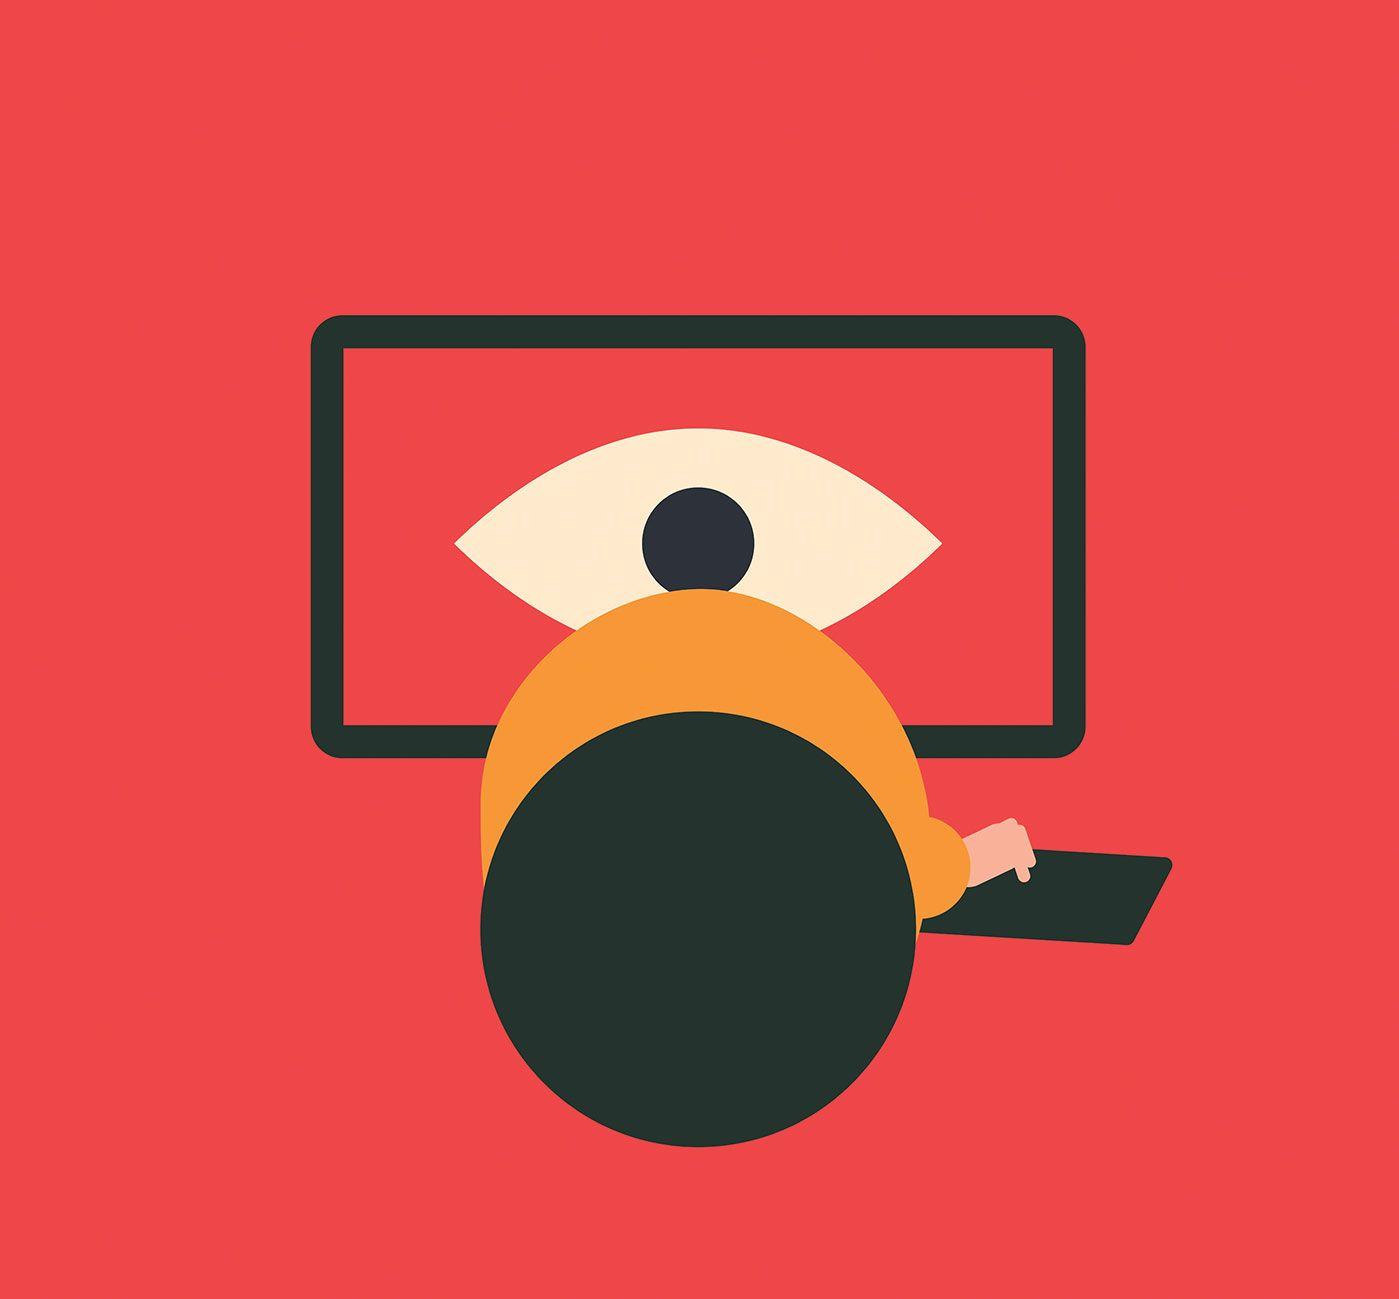 中国のビッグデータ監視は 国民に自由をもたらすのか?